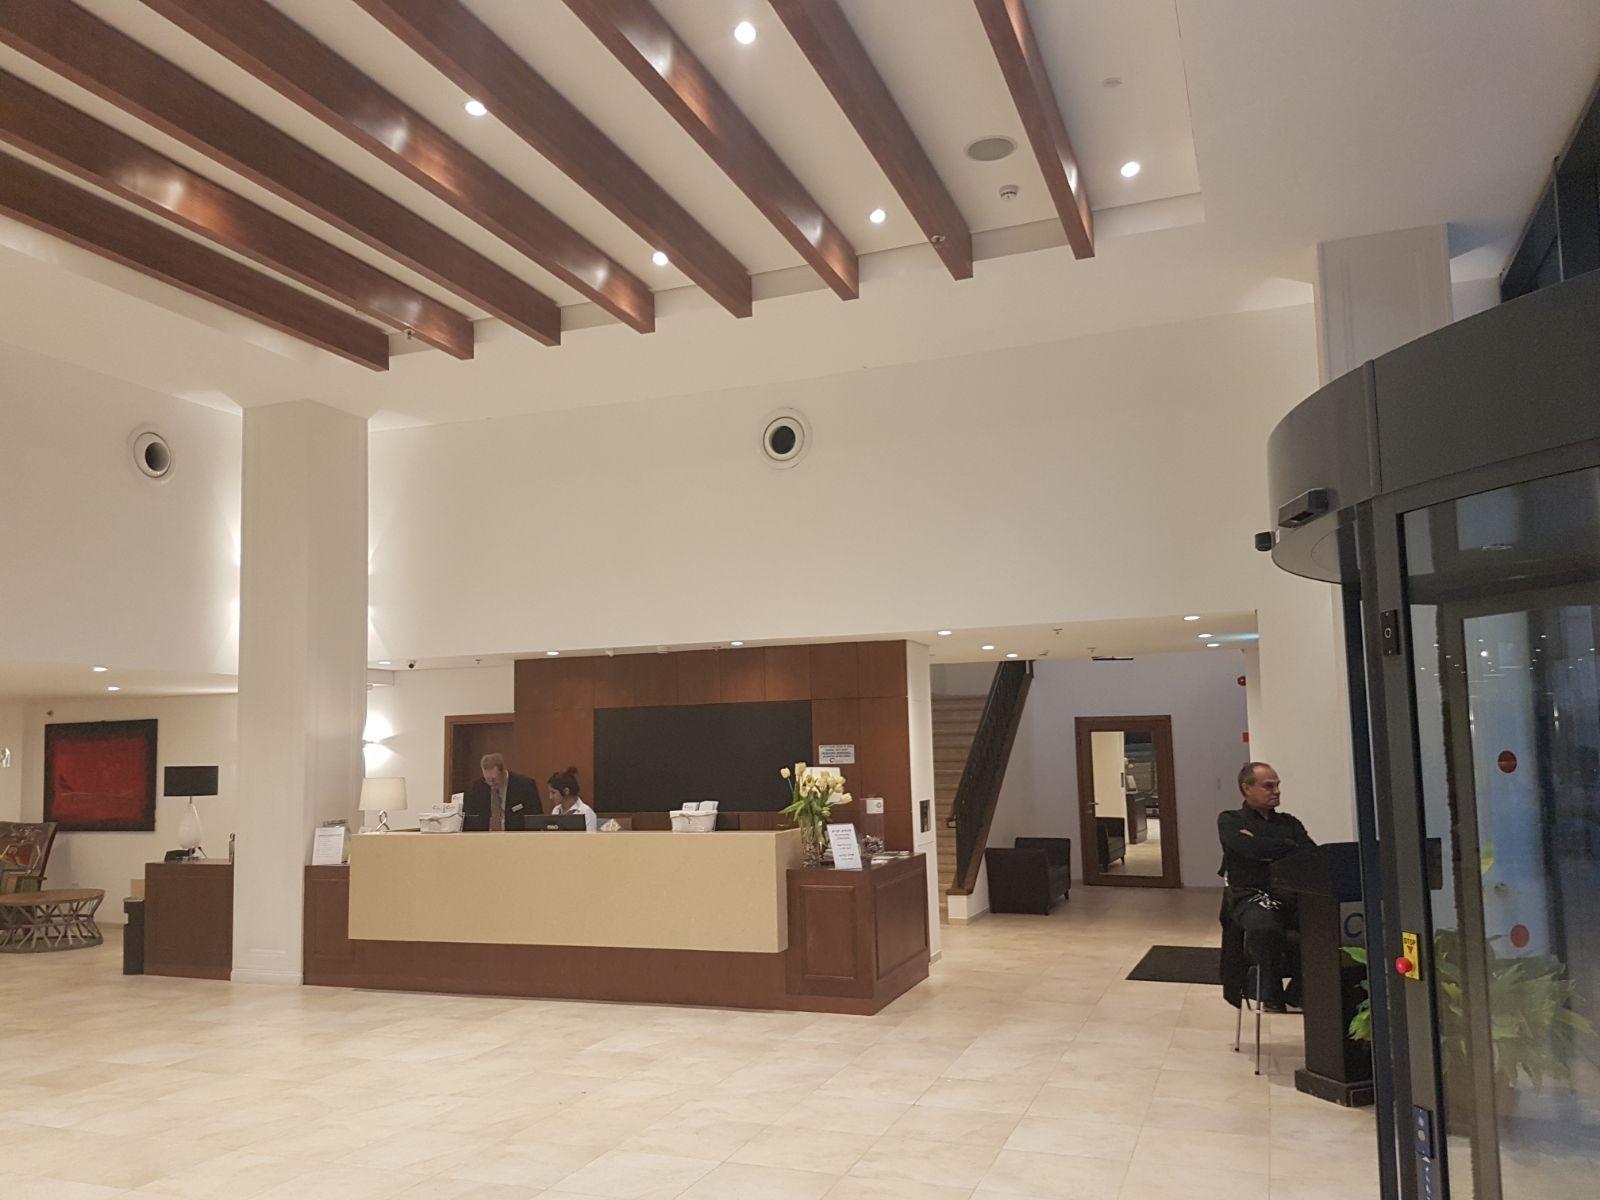 מלון C HOTEL, נווה אילן תמונה מספר 3